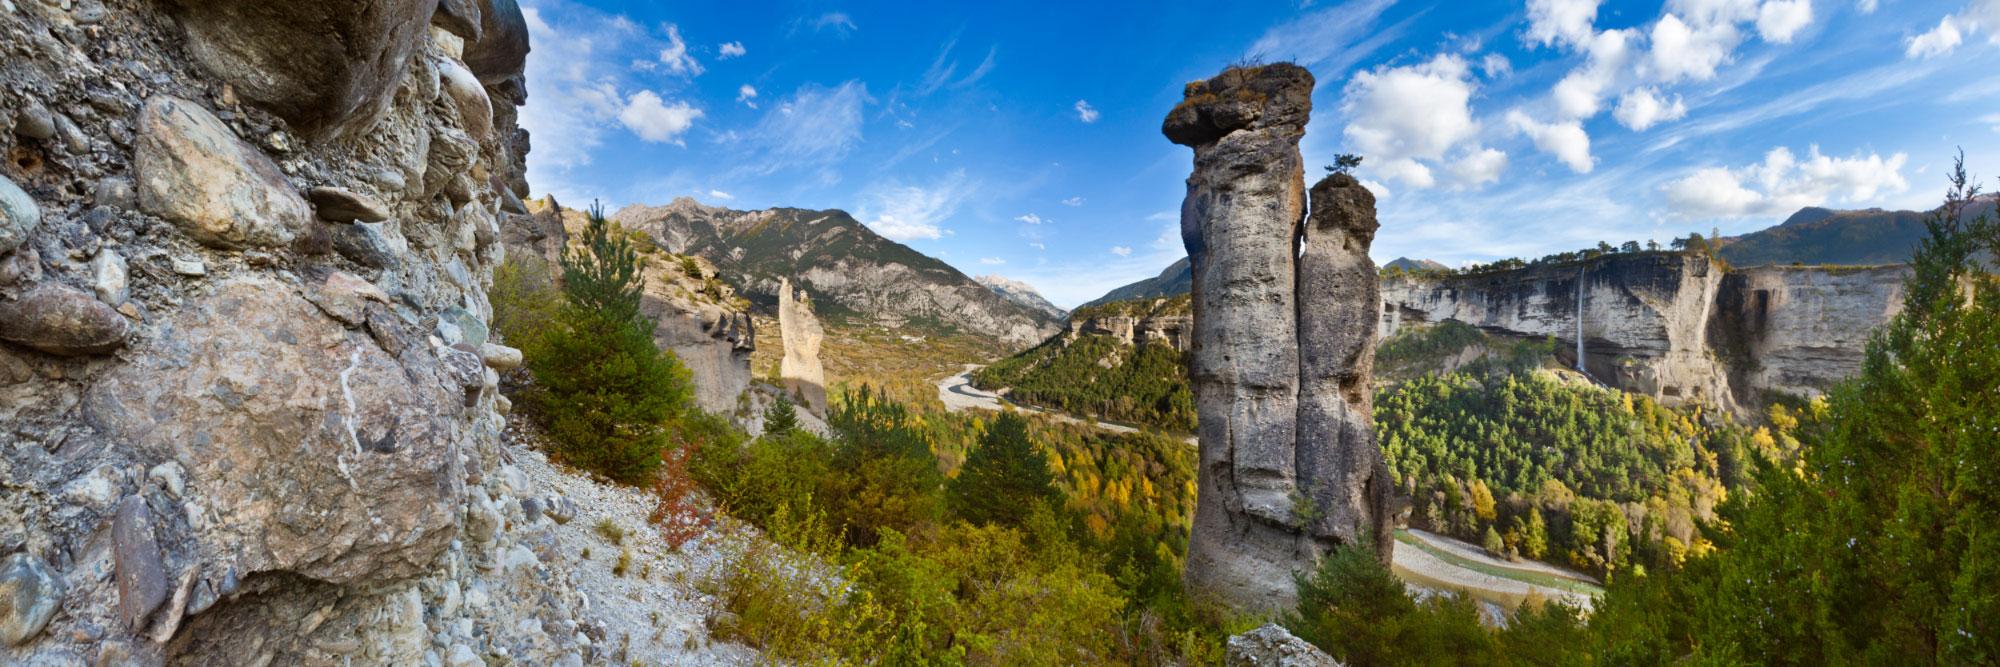 Gorges du Guil, Mont-Dauphin